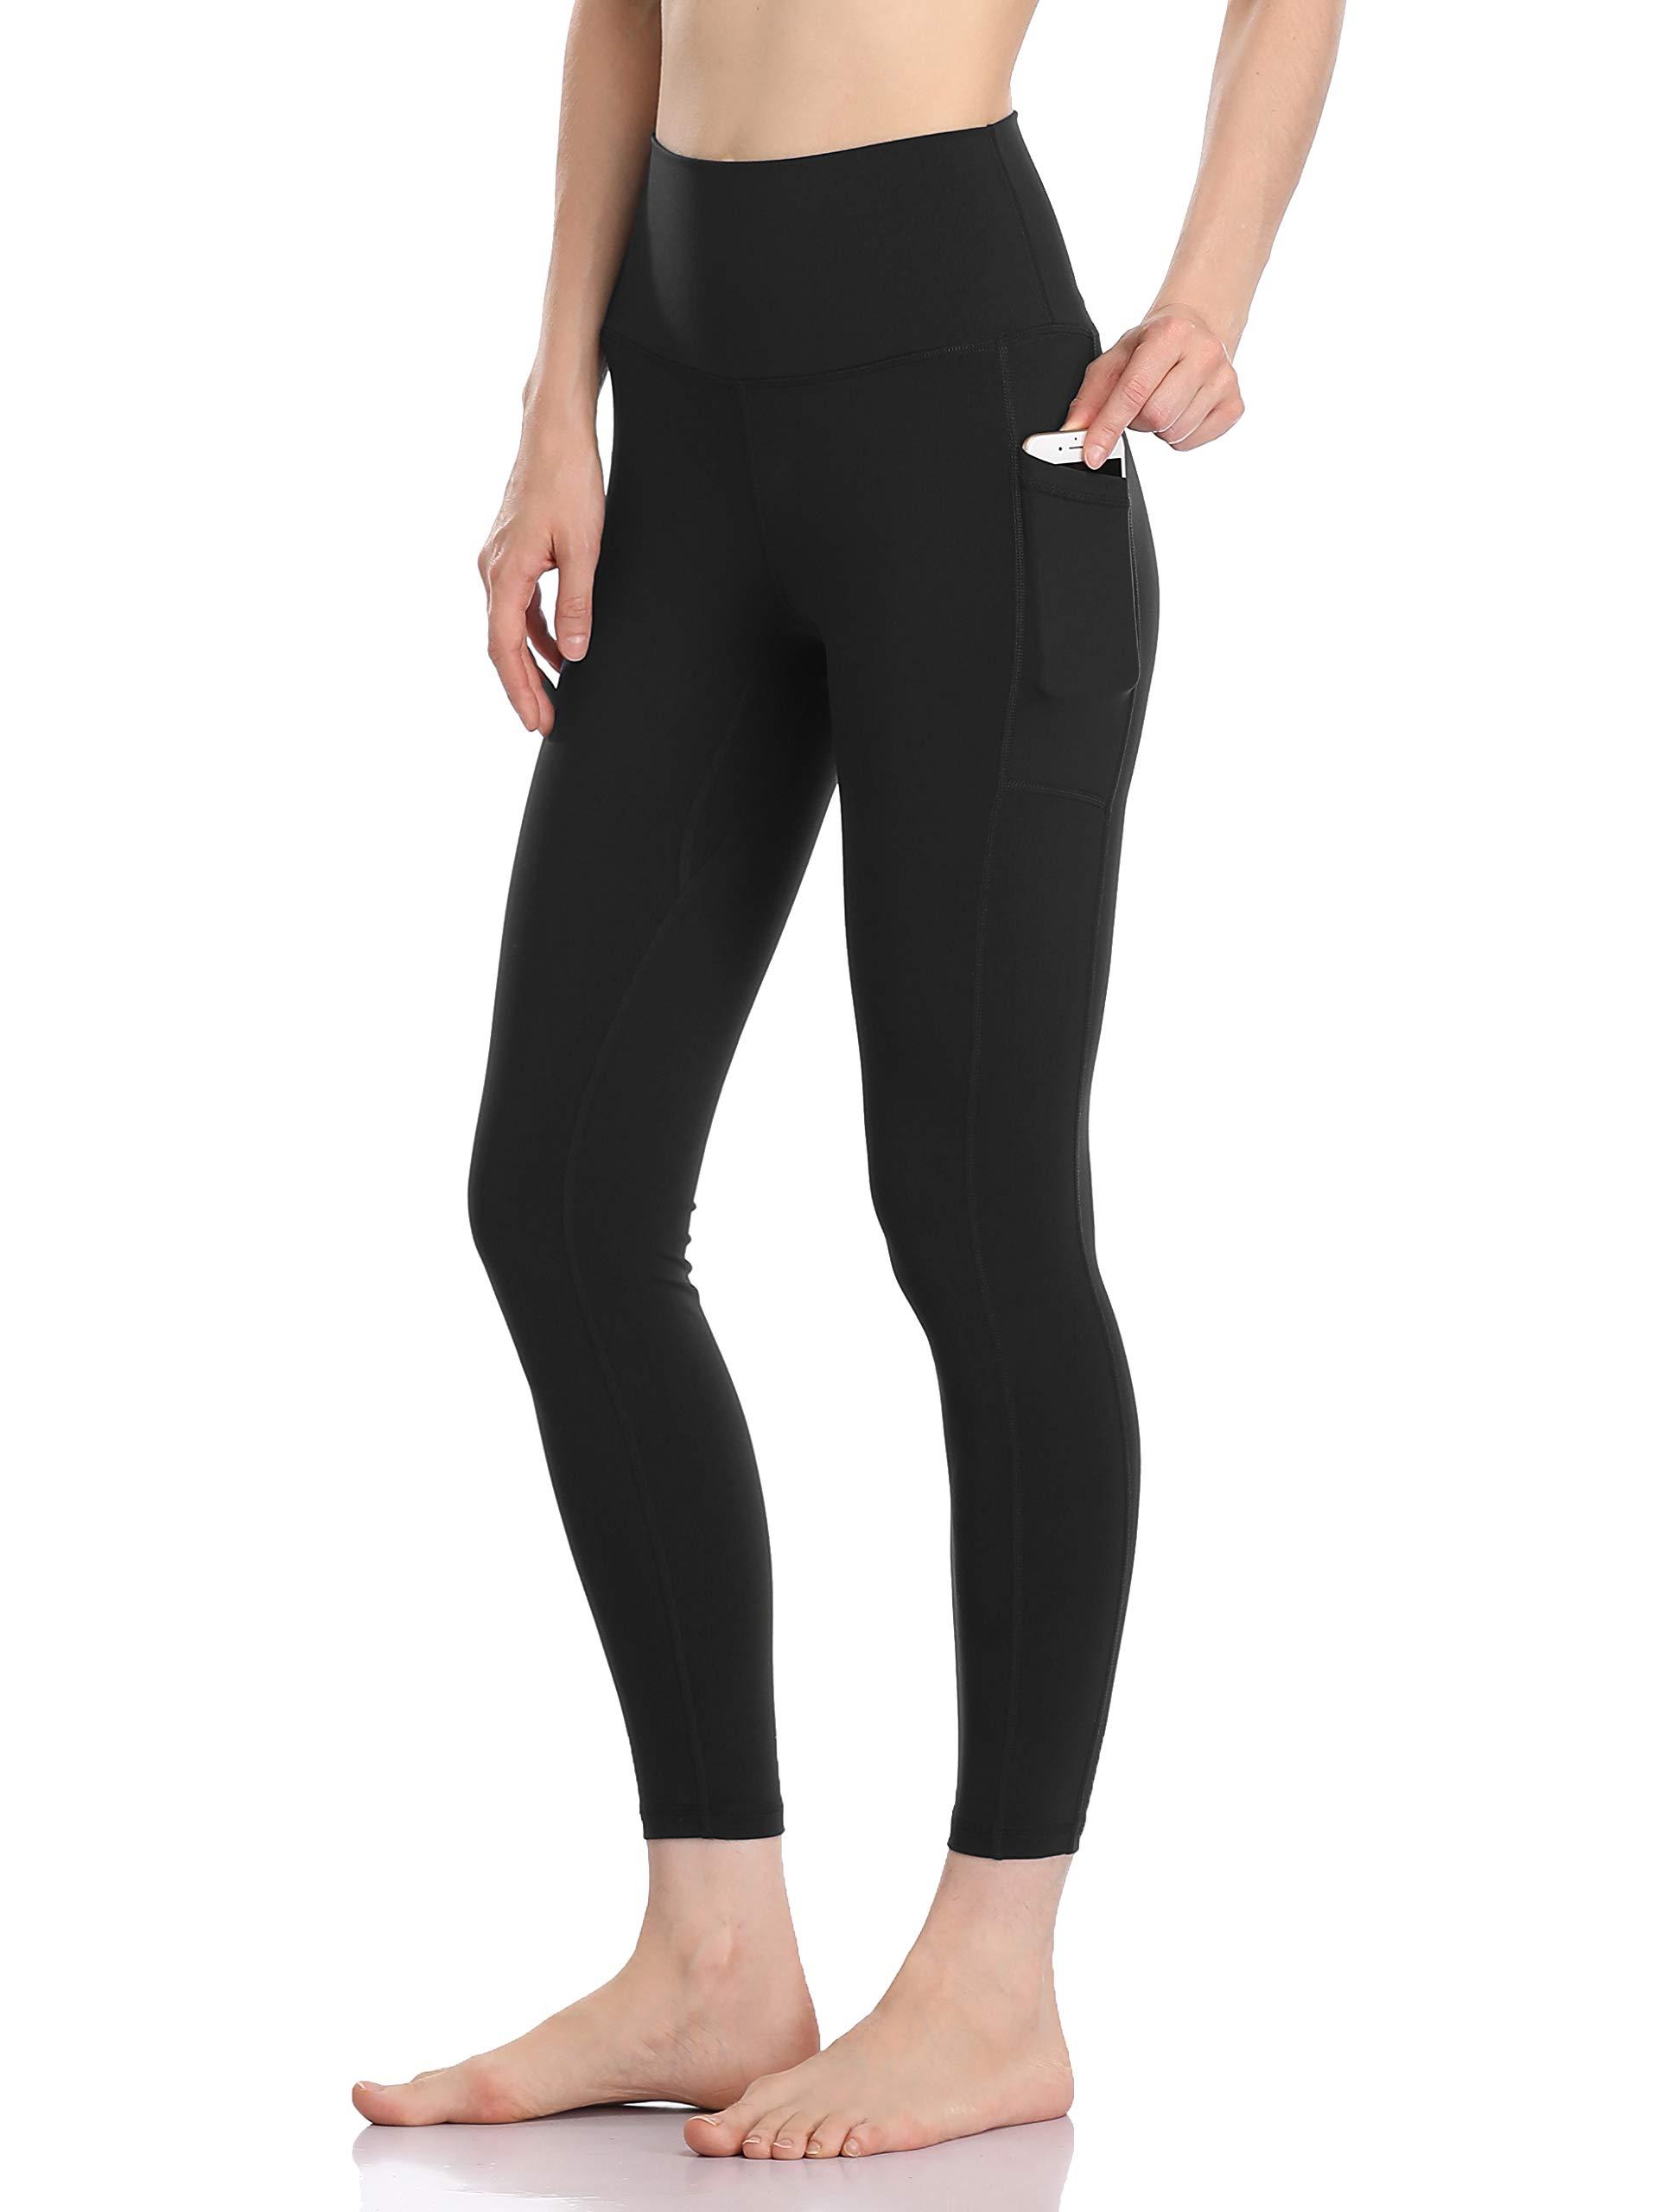 Colorfulkoala Women's High Waisted Yoga Pants 7/8 Length Leggings with Pockets (S, Black) by Colorfulkoala